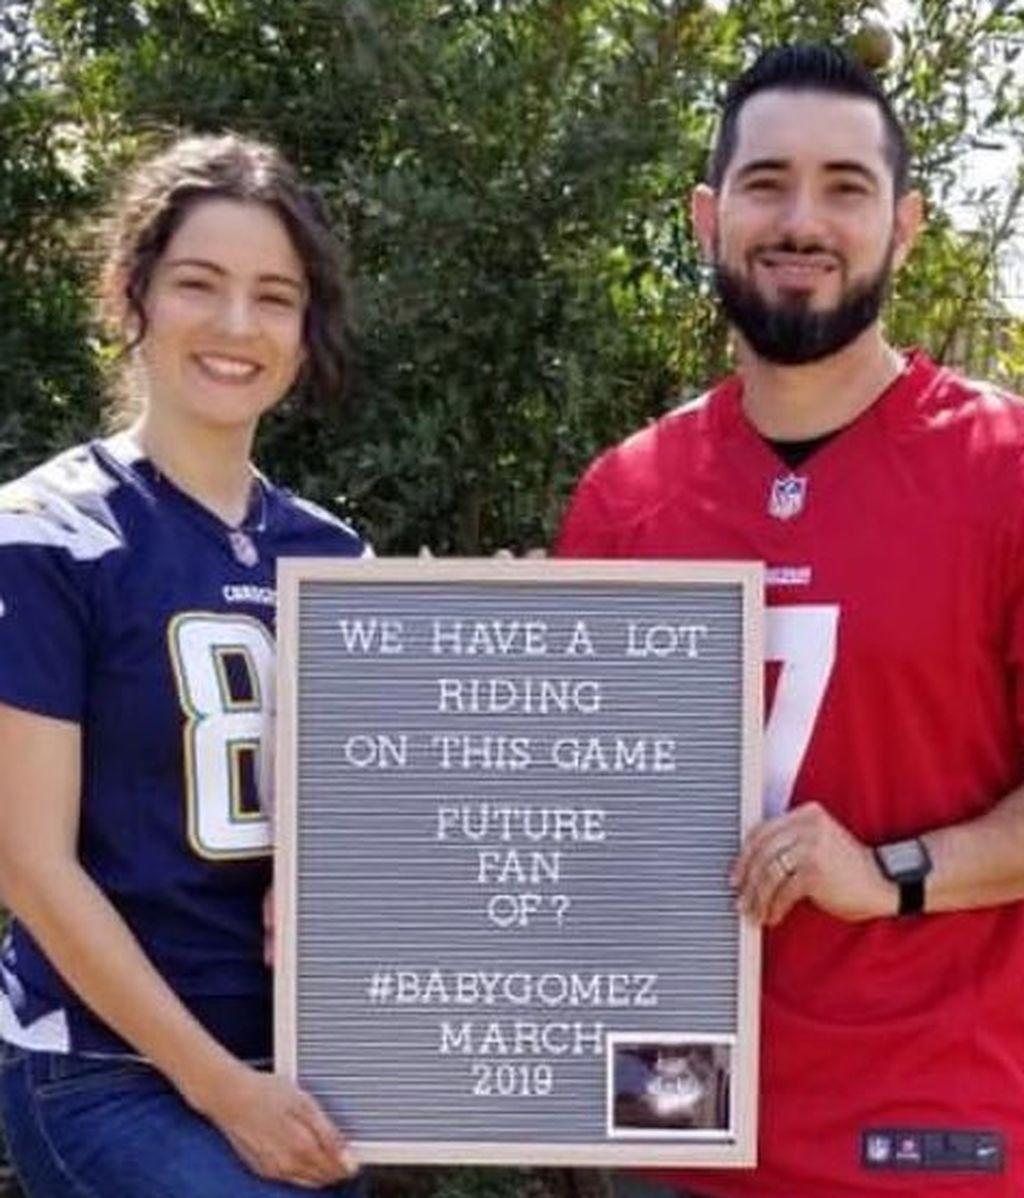 La ingeniosa manera con la que una pareja ha decidido de qué equipo será socio su futuro bebé